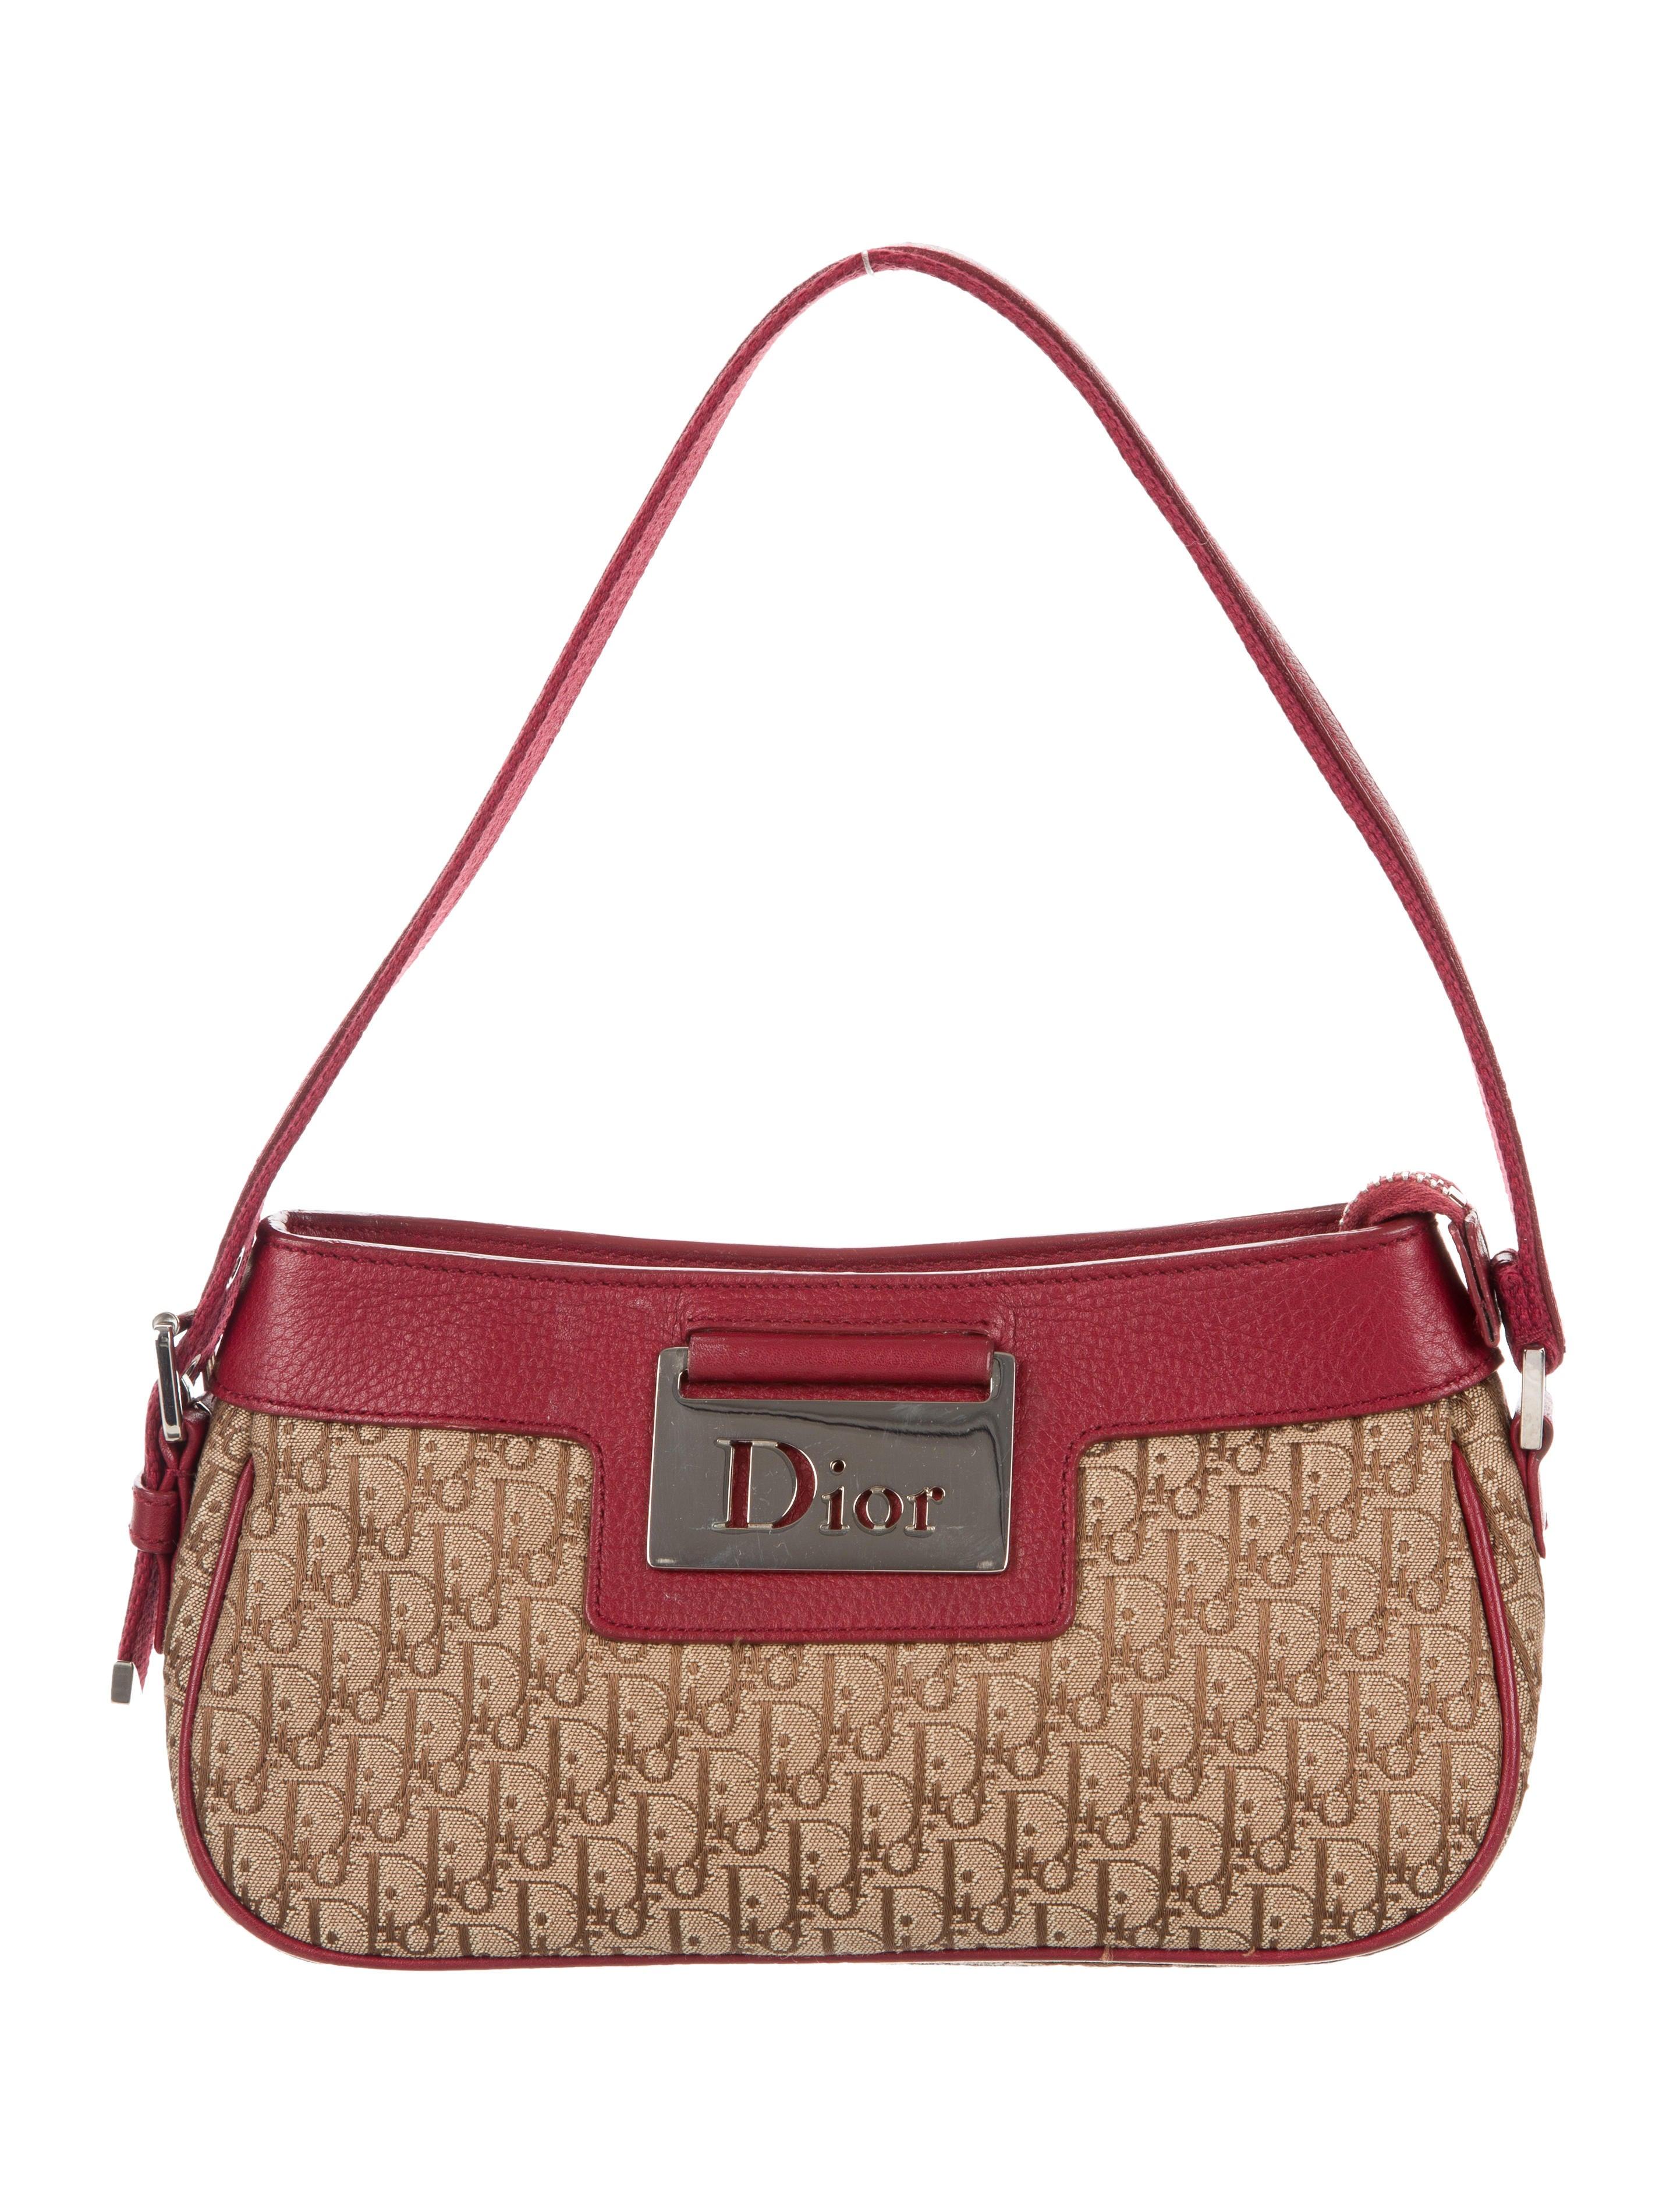 Christian Dior Diorissimo Jacquard Shoulder Bag - Handbags ... b9ce77c61275a